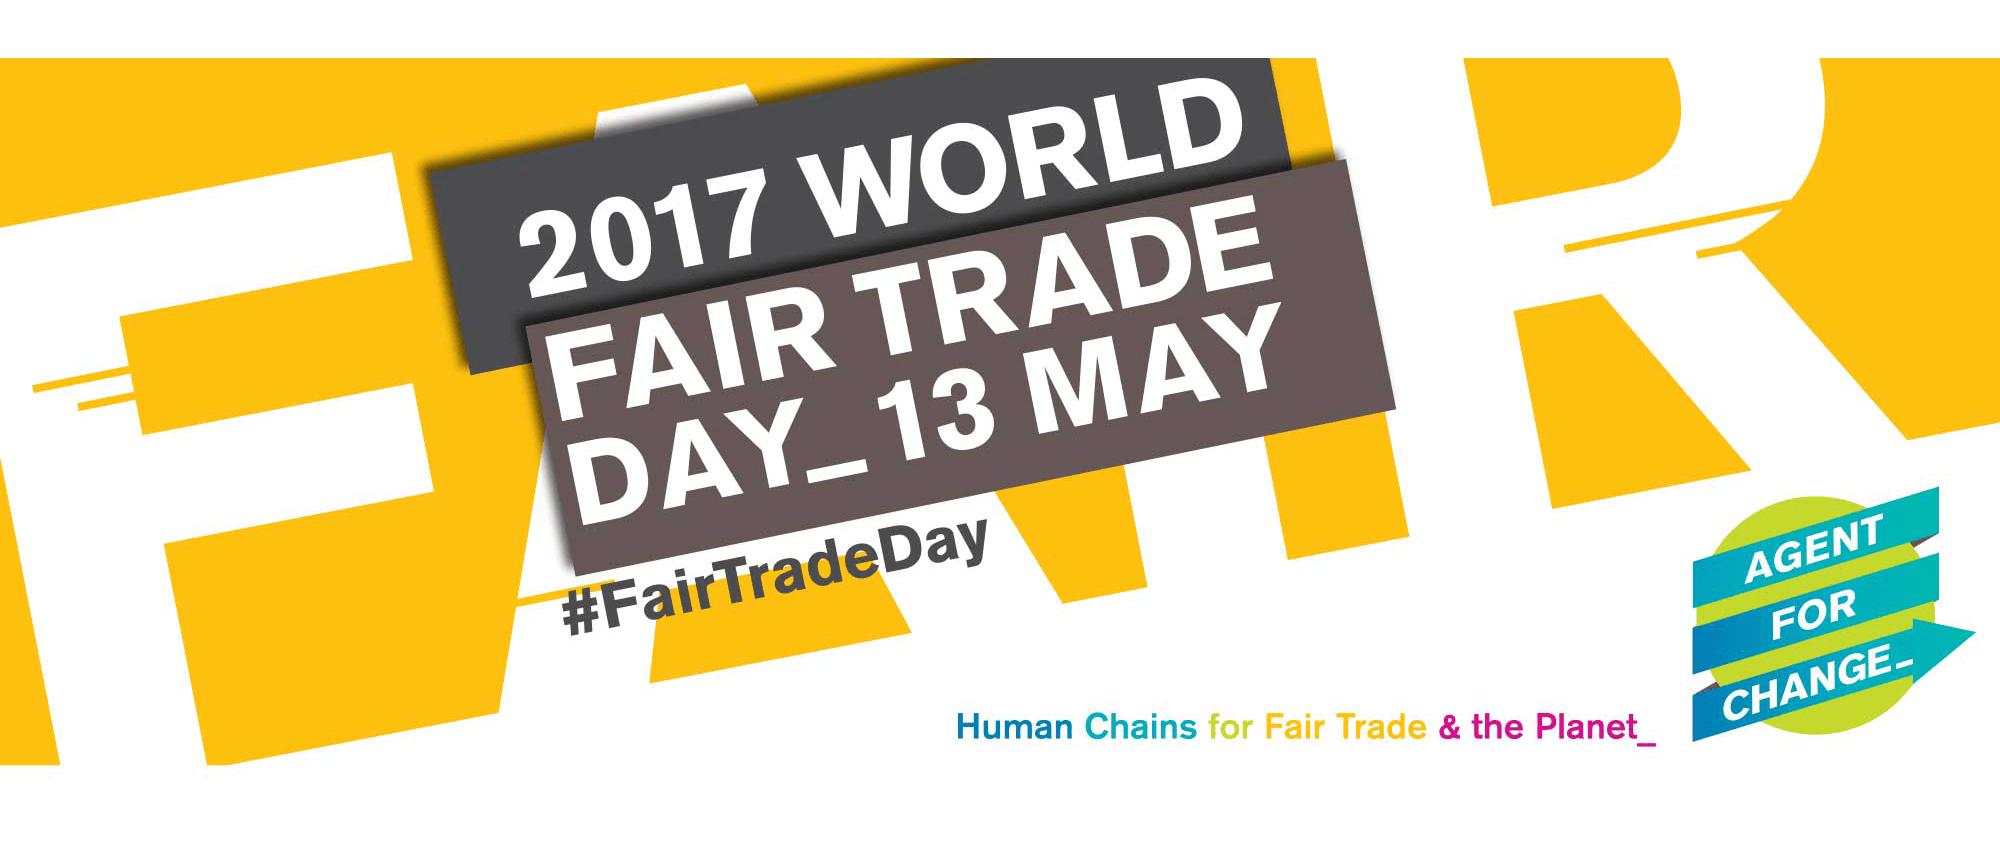 13 May 2017 - World Fair Trade Day